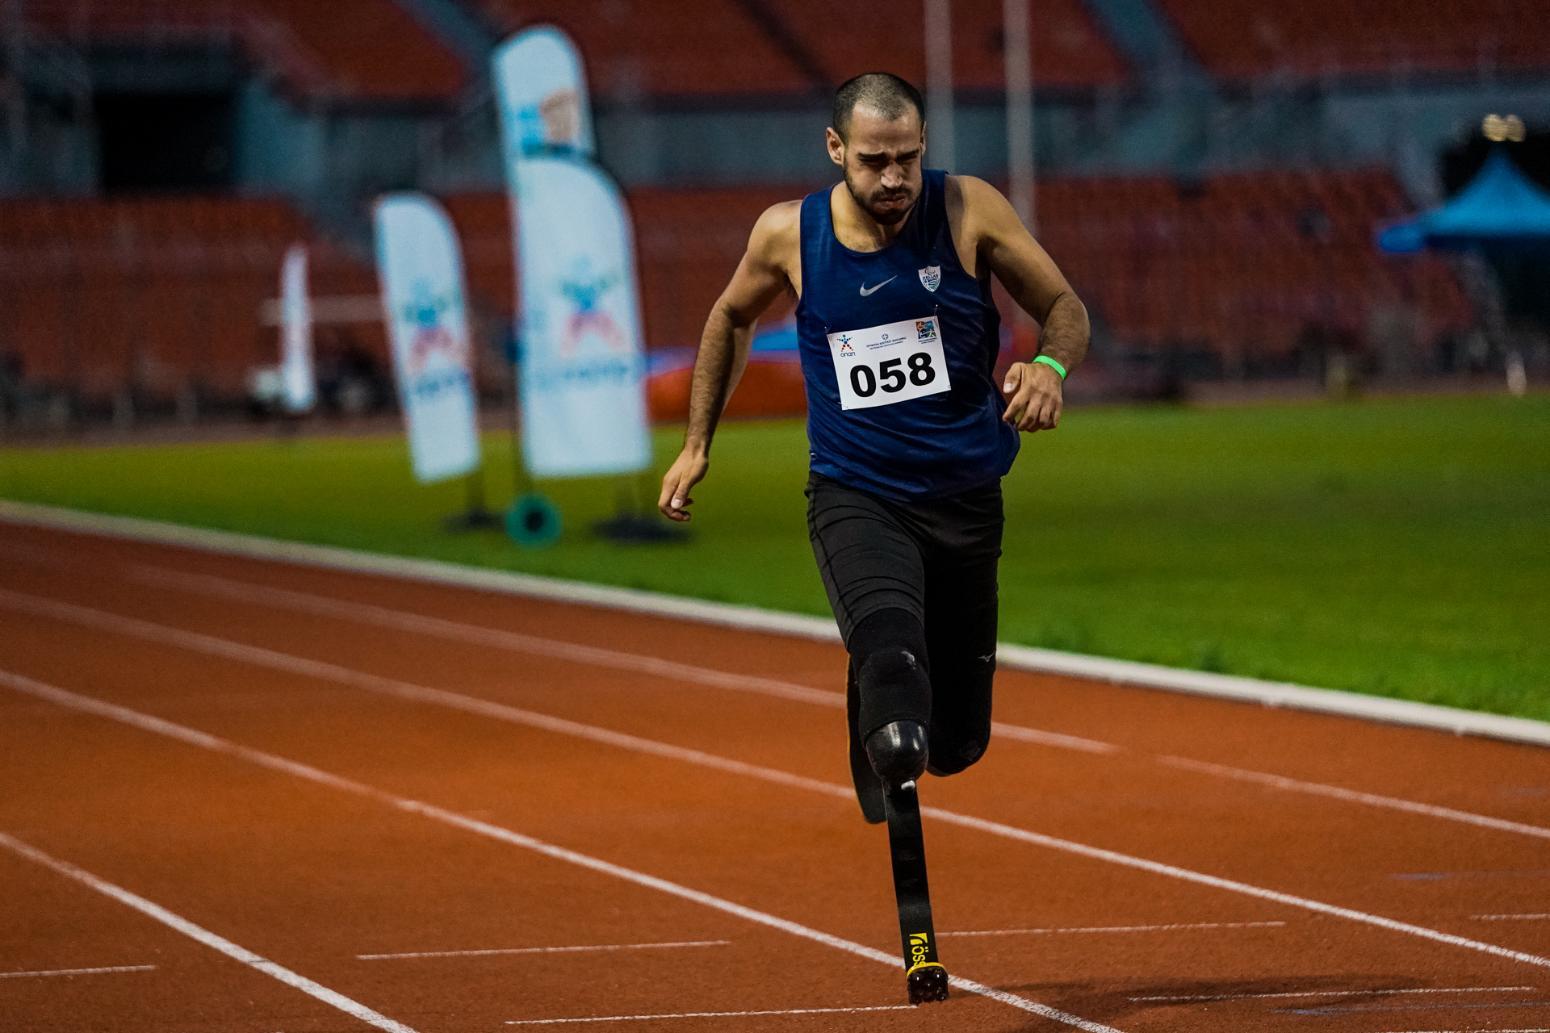 Παγκόσμιο ρεκόρ ο Αχιλλέας Σταματιάδης στα 200μ. T43